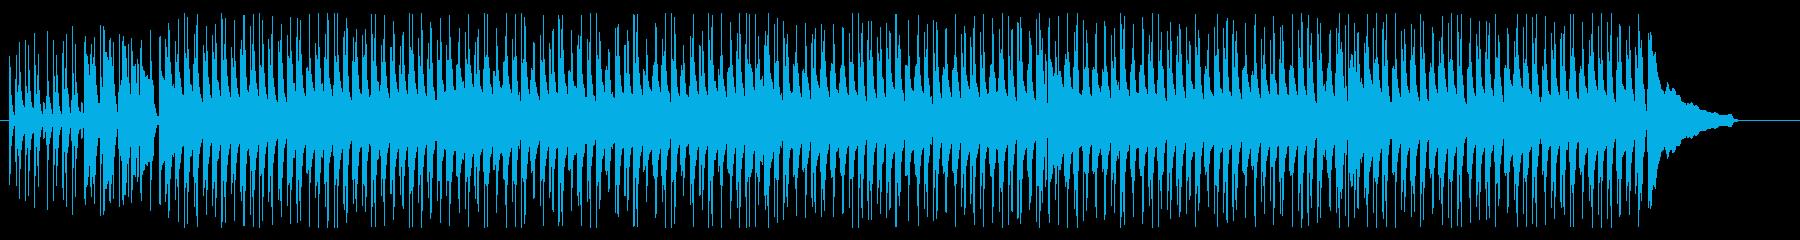 明るく軽快な沖縄曲/観光/旅行/三線の再生済みの波形